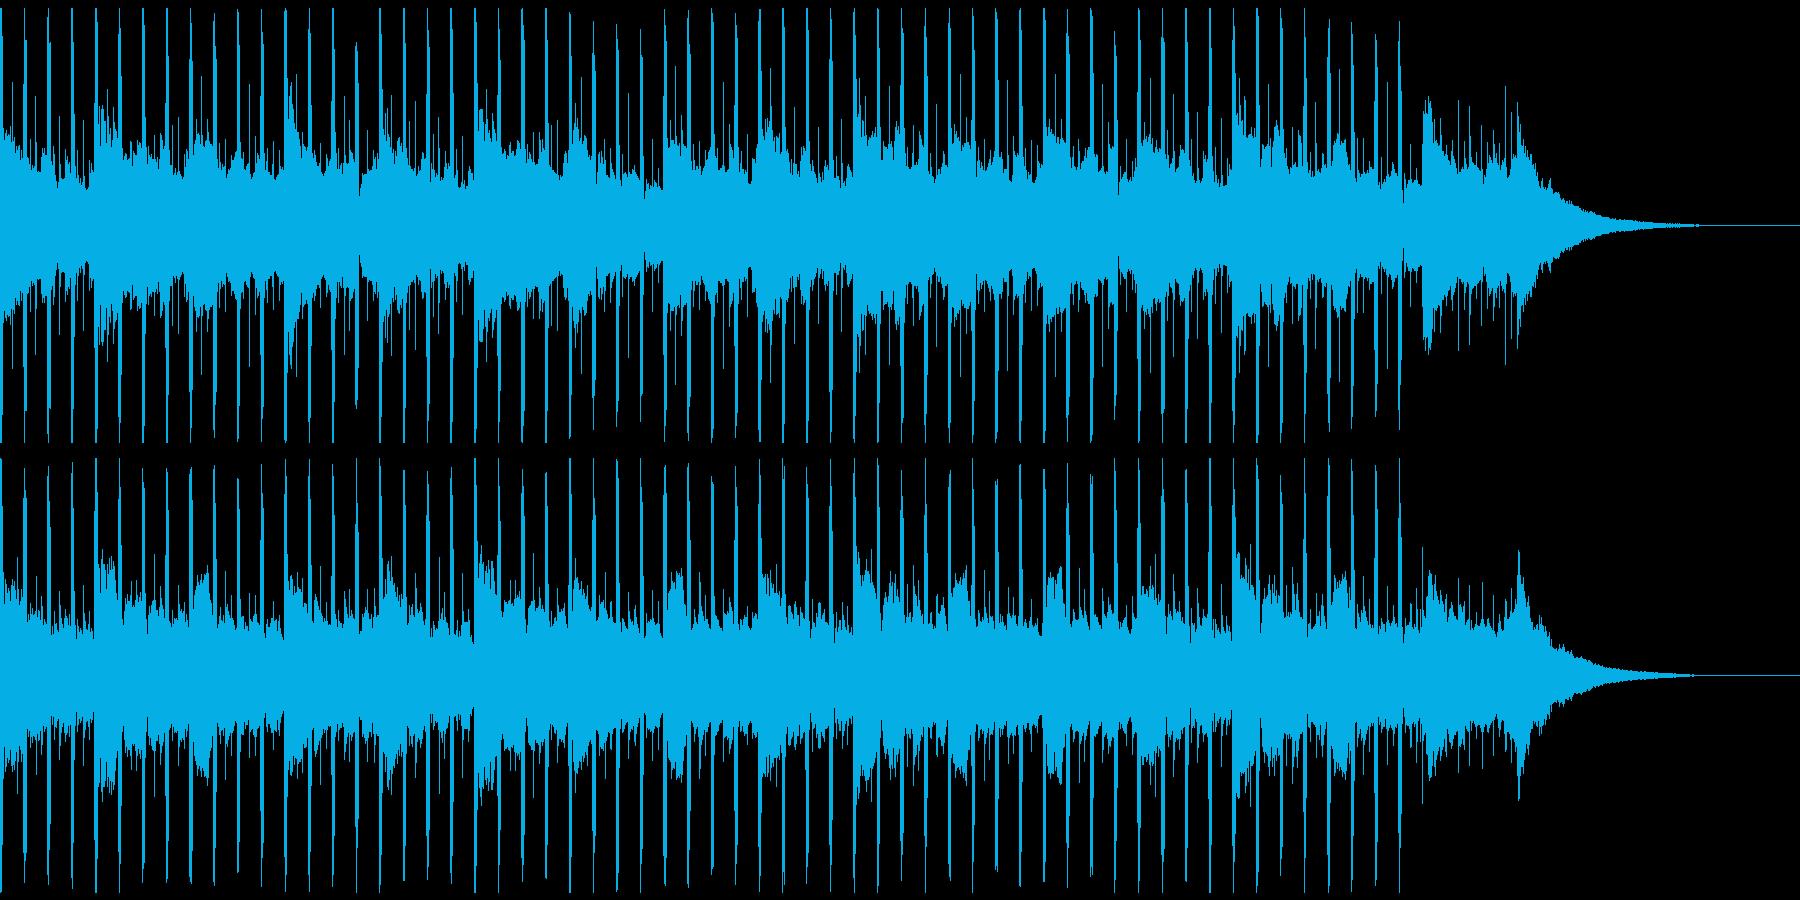 企業プレゼンテーション(38秒)の再生済みの波形